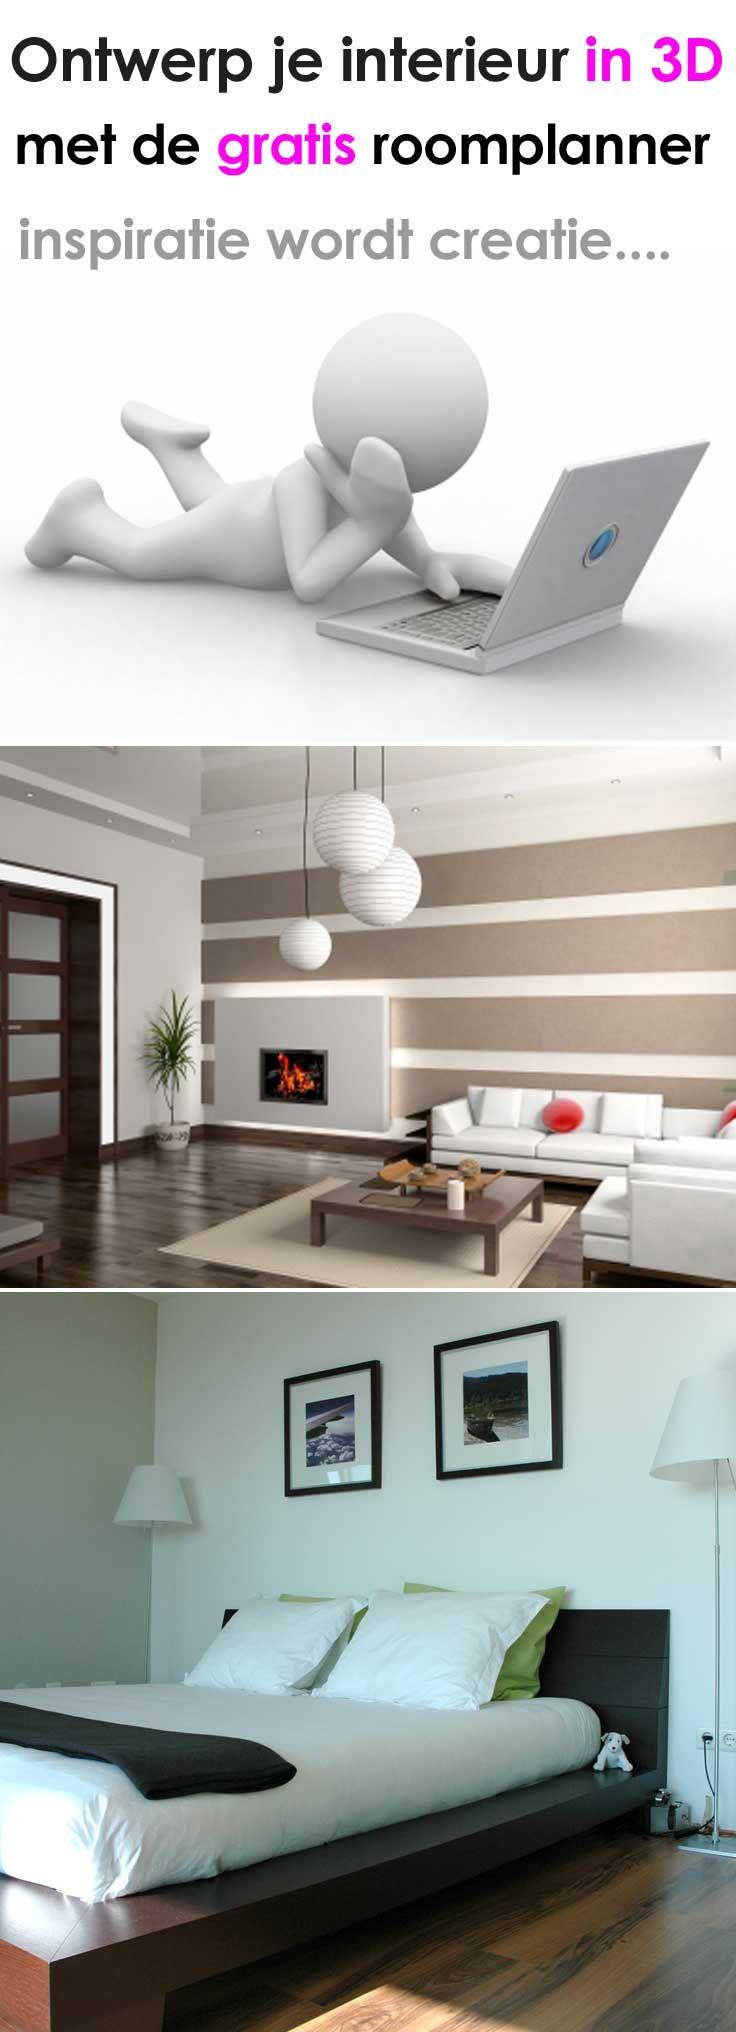 3D interieur ontwerpen met de gratis roomplanner op http://www.roomplanner-online.nl/